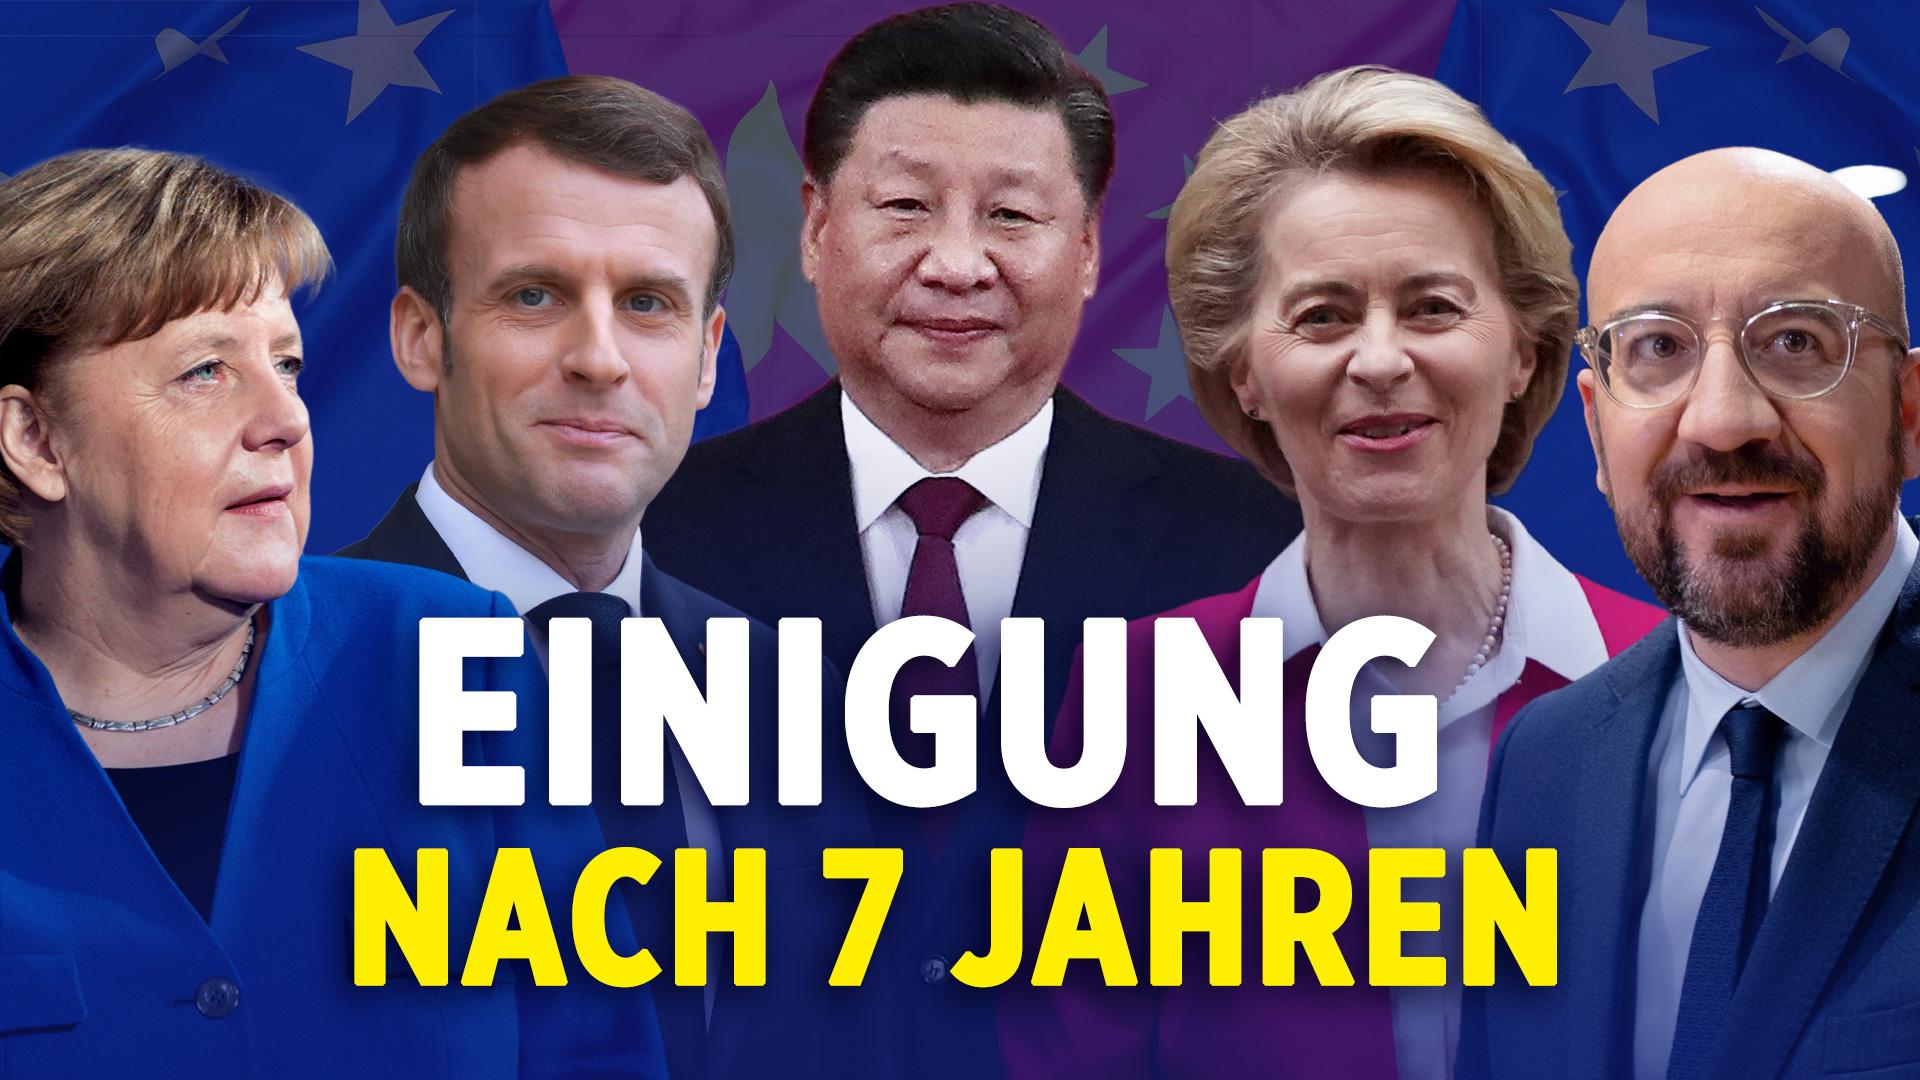 NTD: EU und China vereinbaren Investitions-Abkommen | Technologie-Gewinner und -Verlierer im Jahr 2020